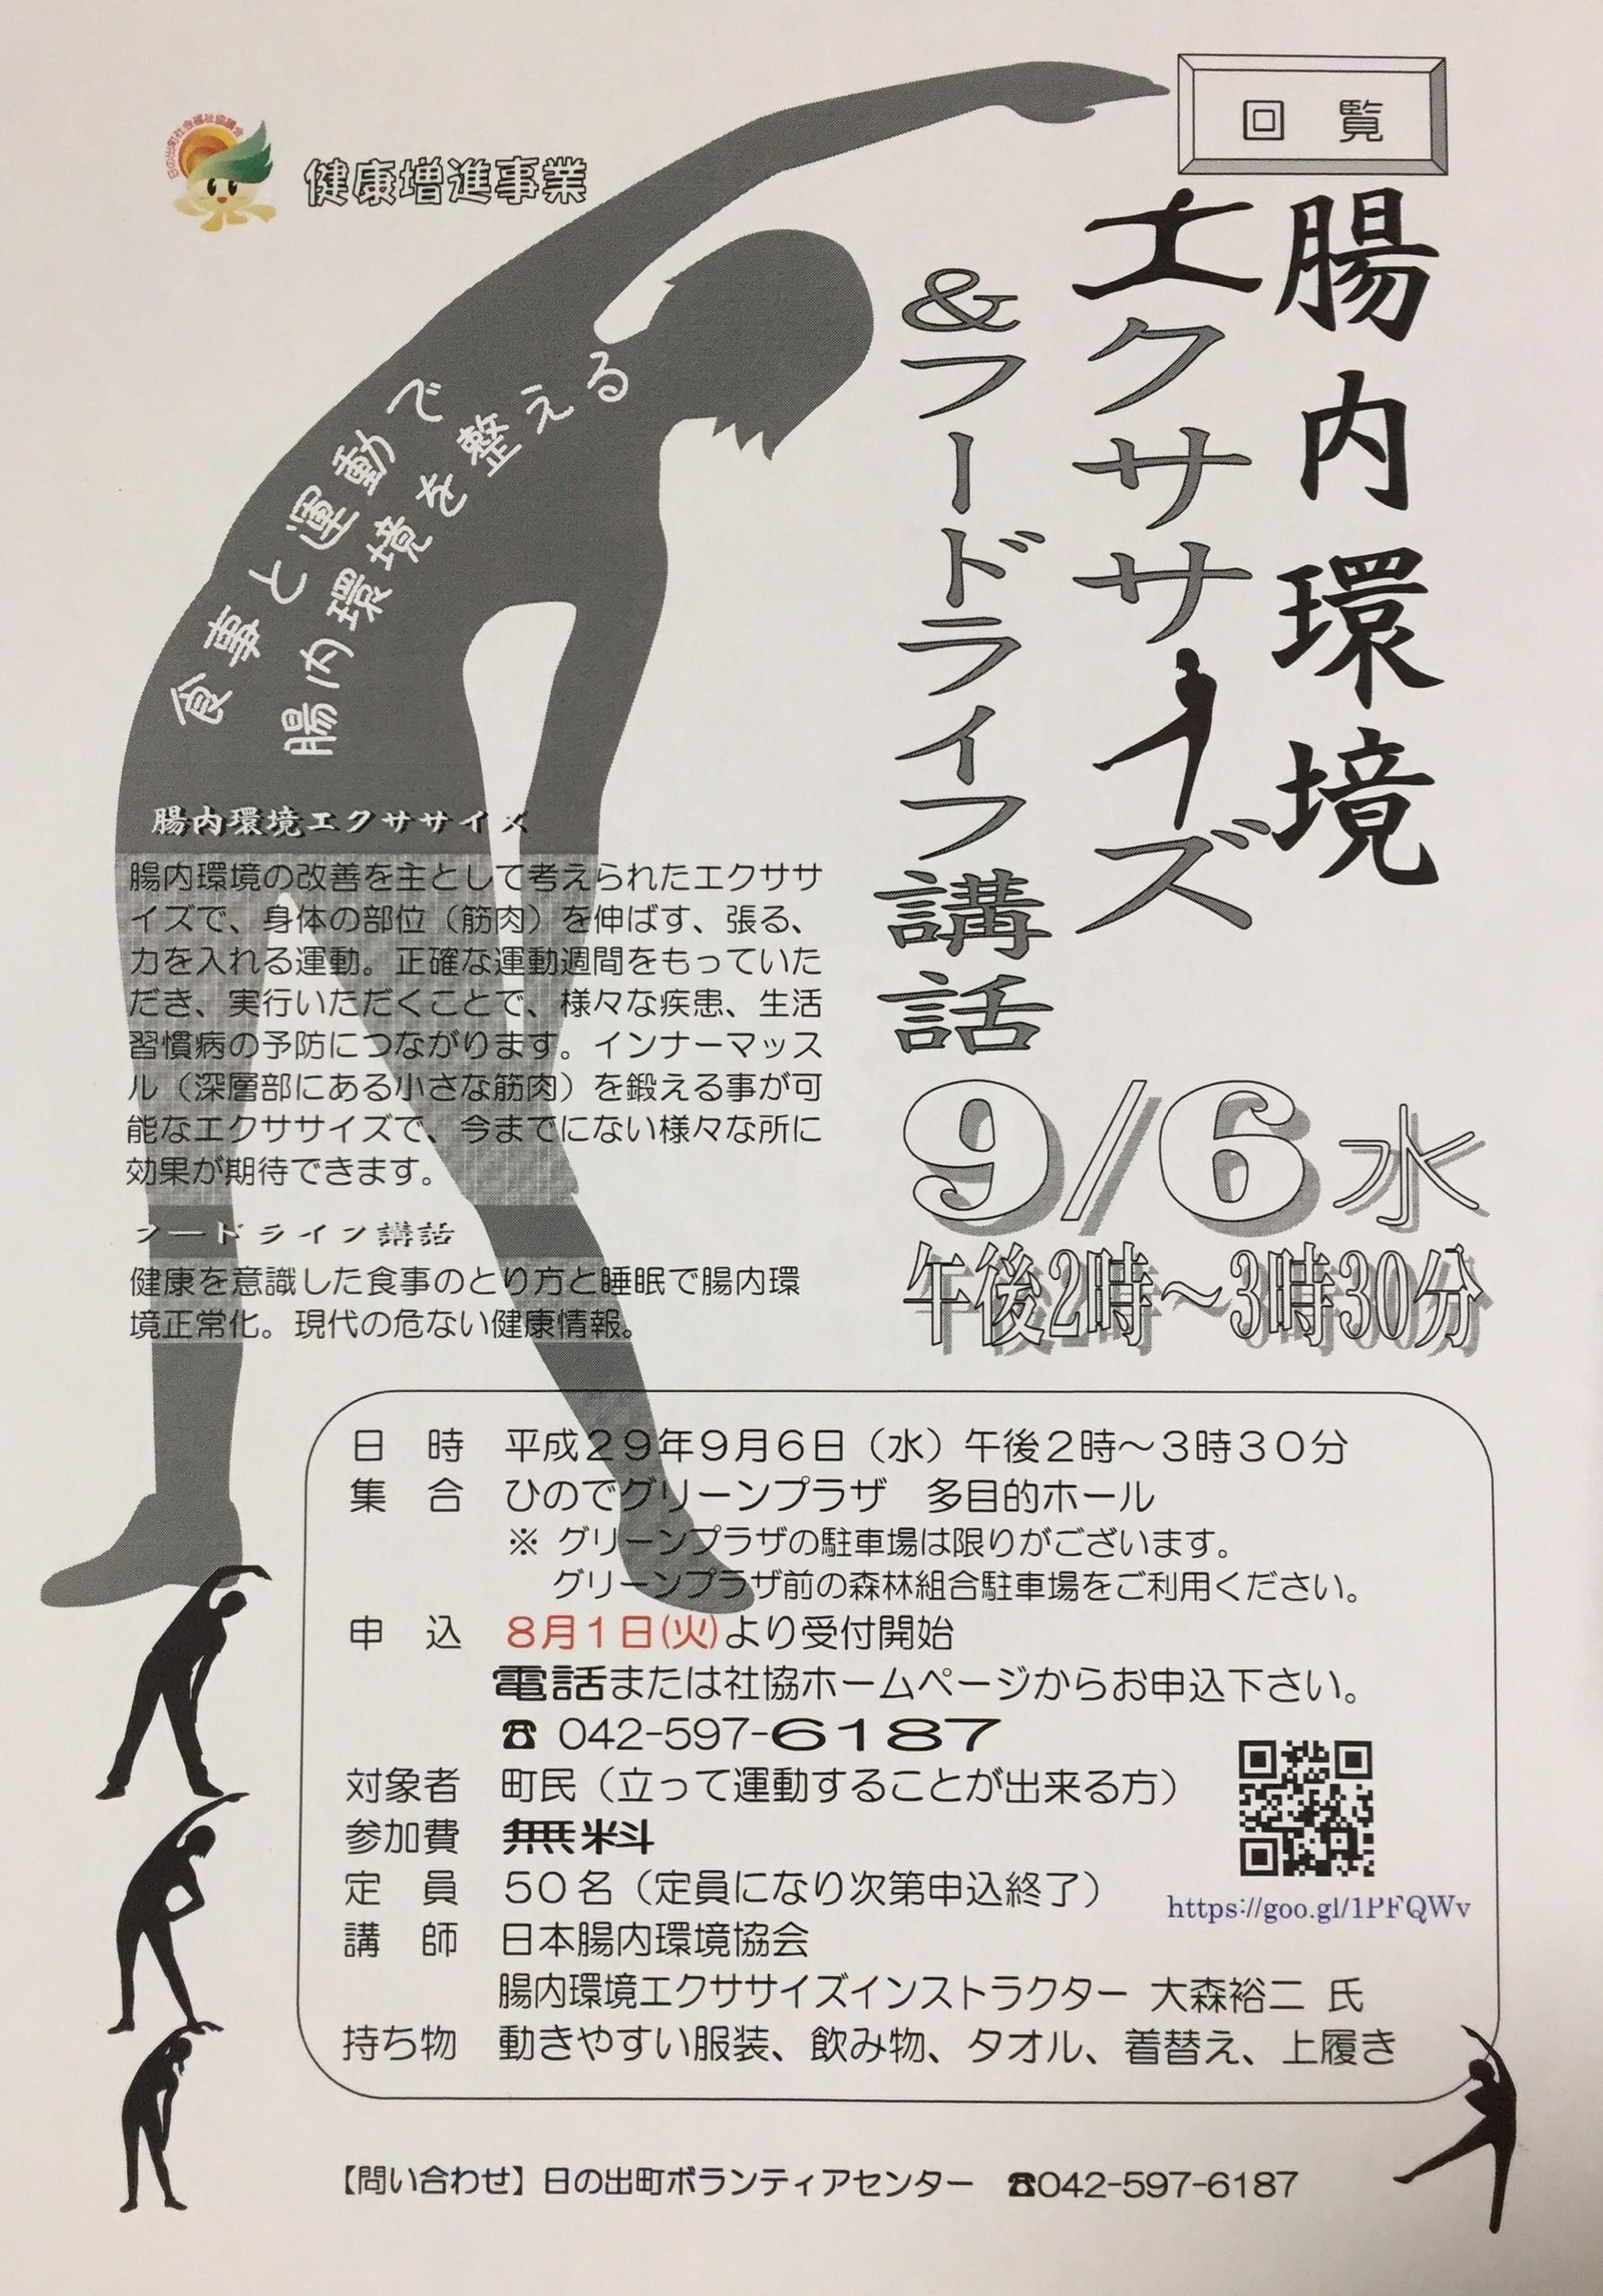 東京 日の出町 腸内環境エクササイズ&フードライフプラン講話